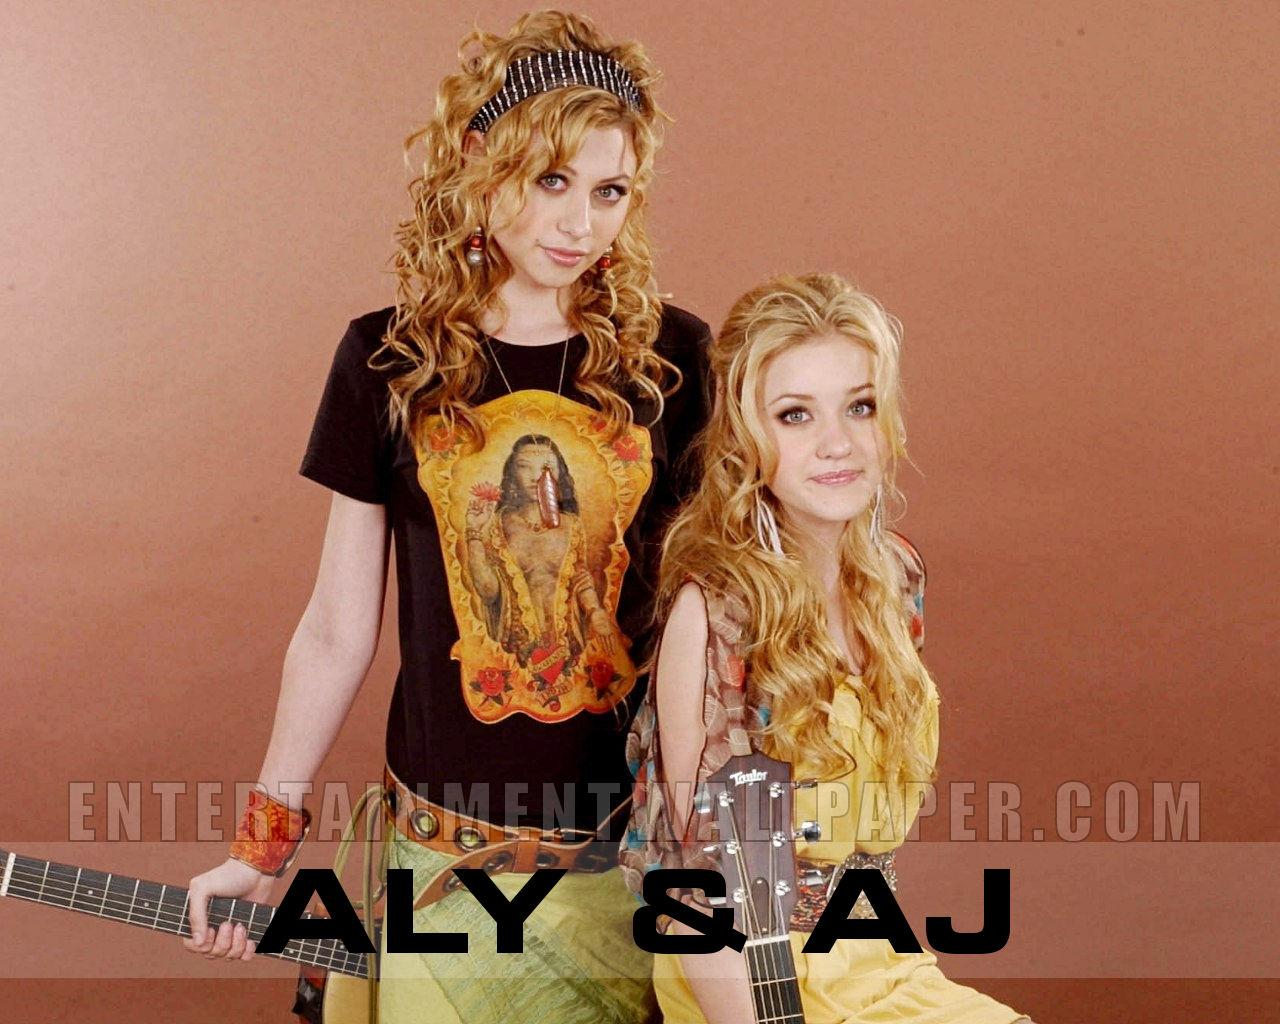 http://4.bp.blogspot.com/-GMy19Ud2yS8/TlEhvtz73jI/AAAAAAAAC5E/66R85sEPJMw/s1600/aly_aj09.jpg